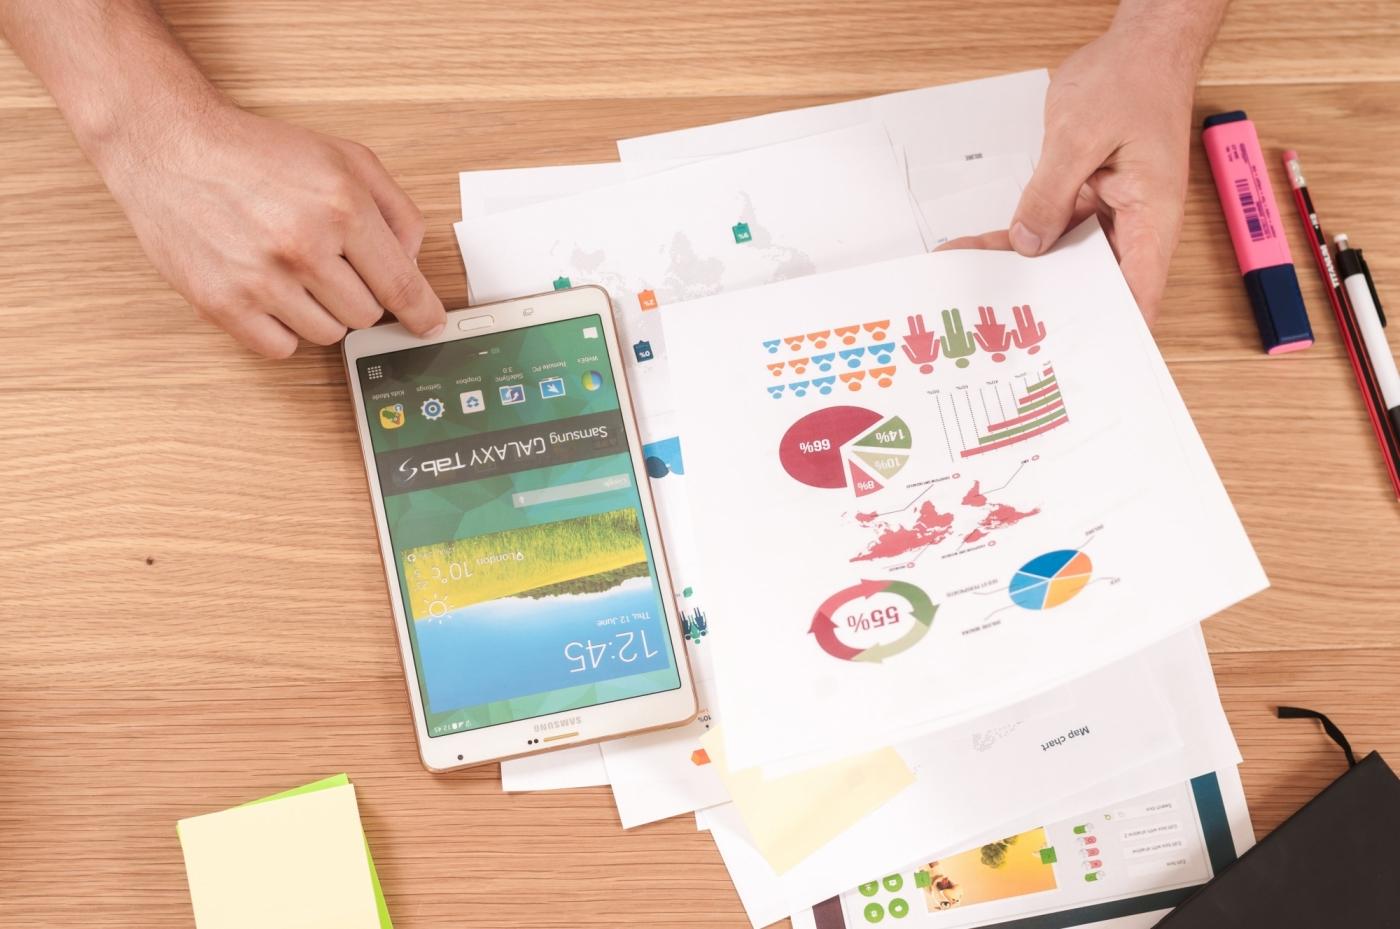 拿到投资先别急着开心!你知道融资流程与BP股权设计的细节吗?